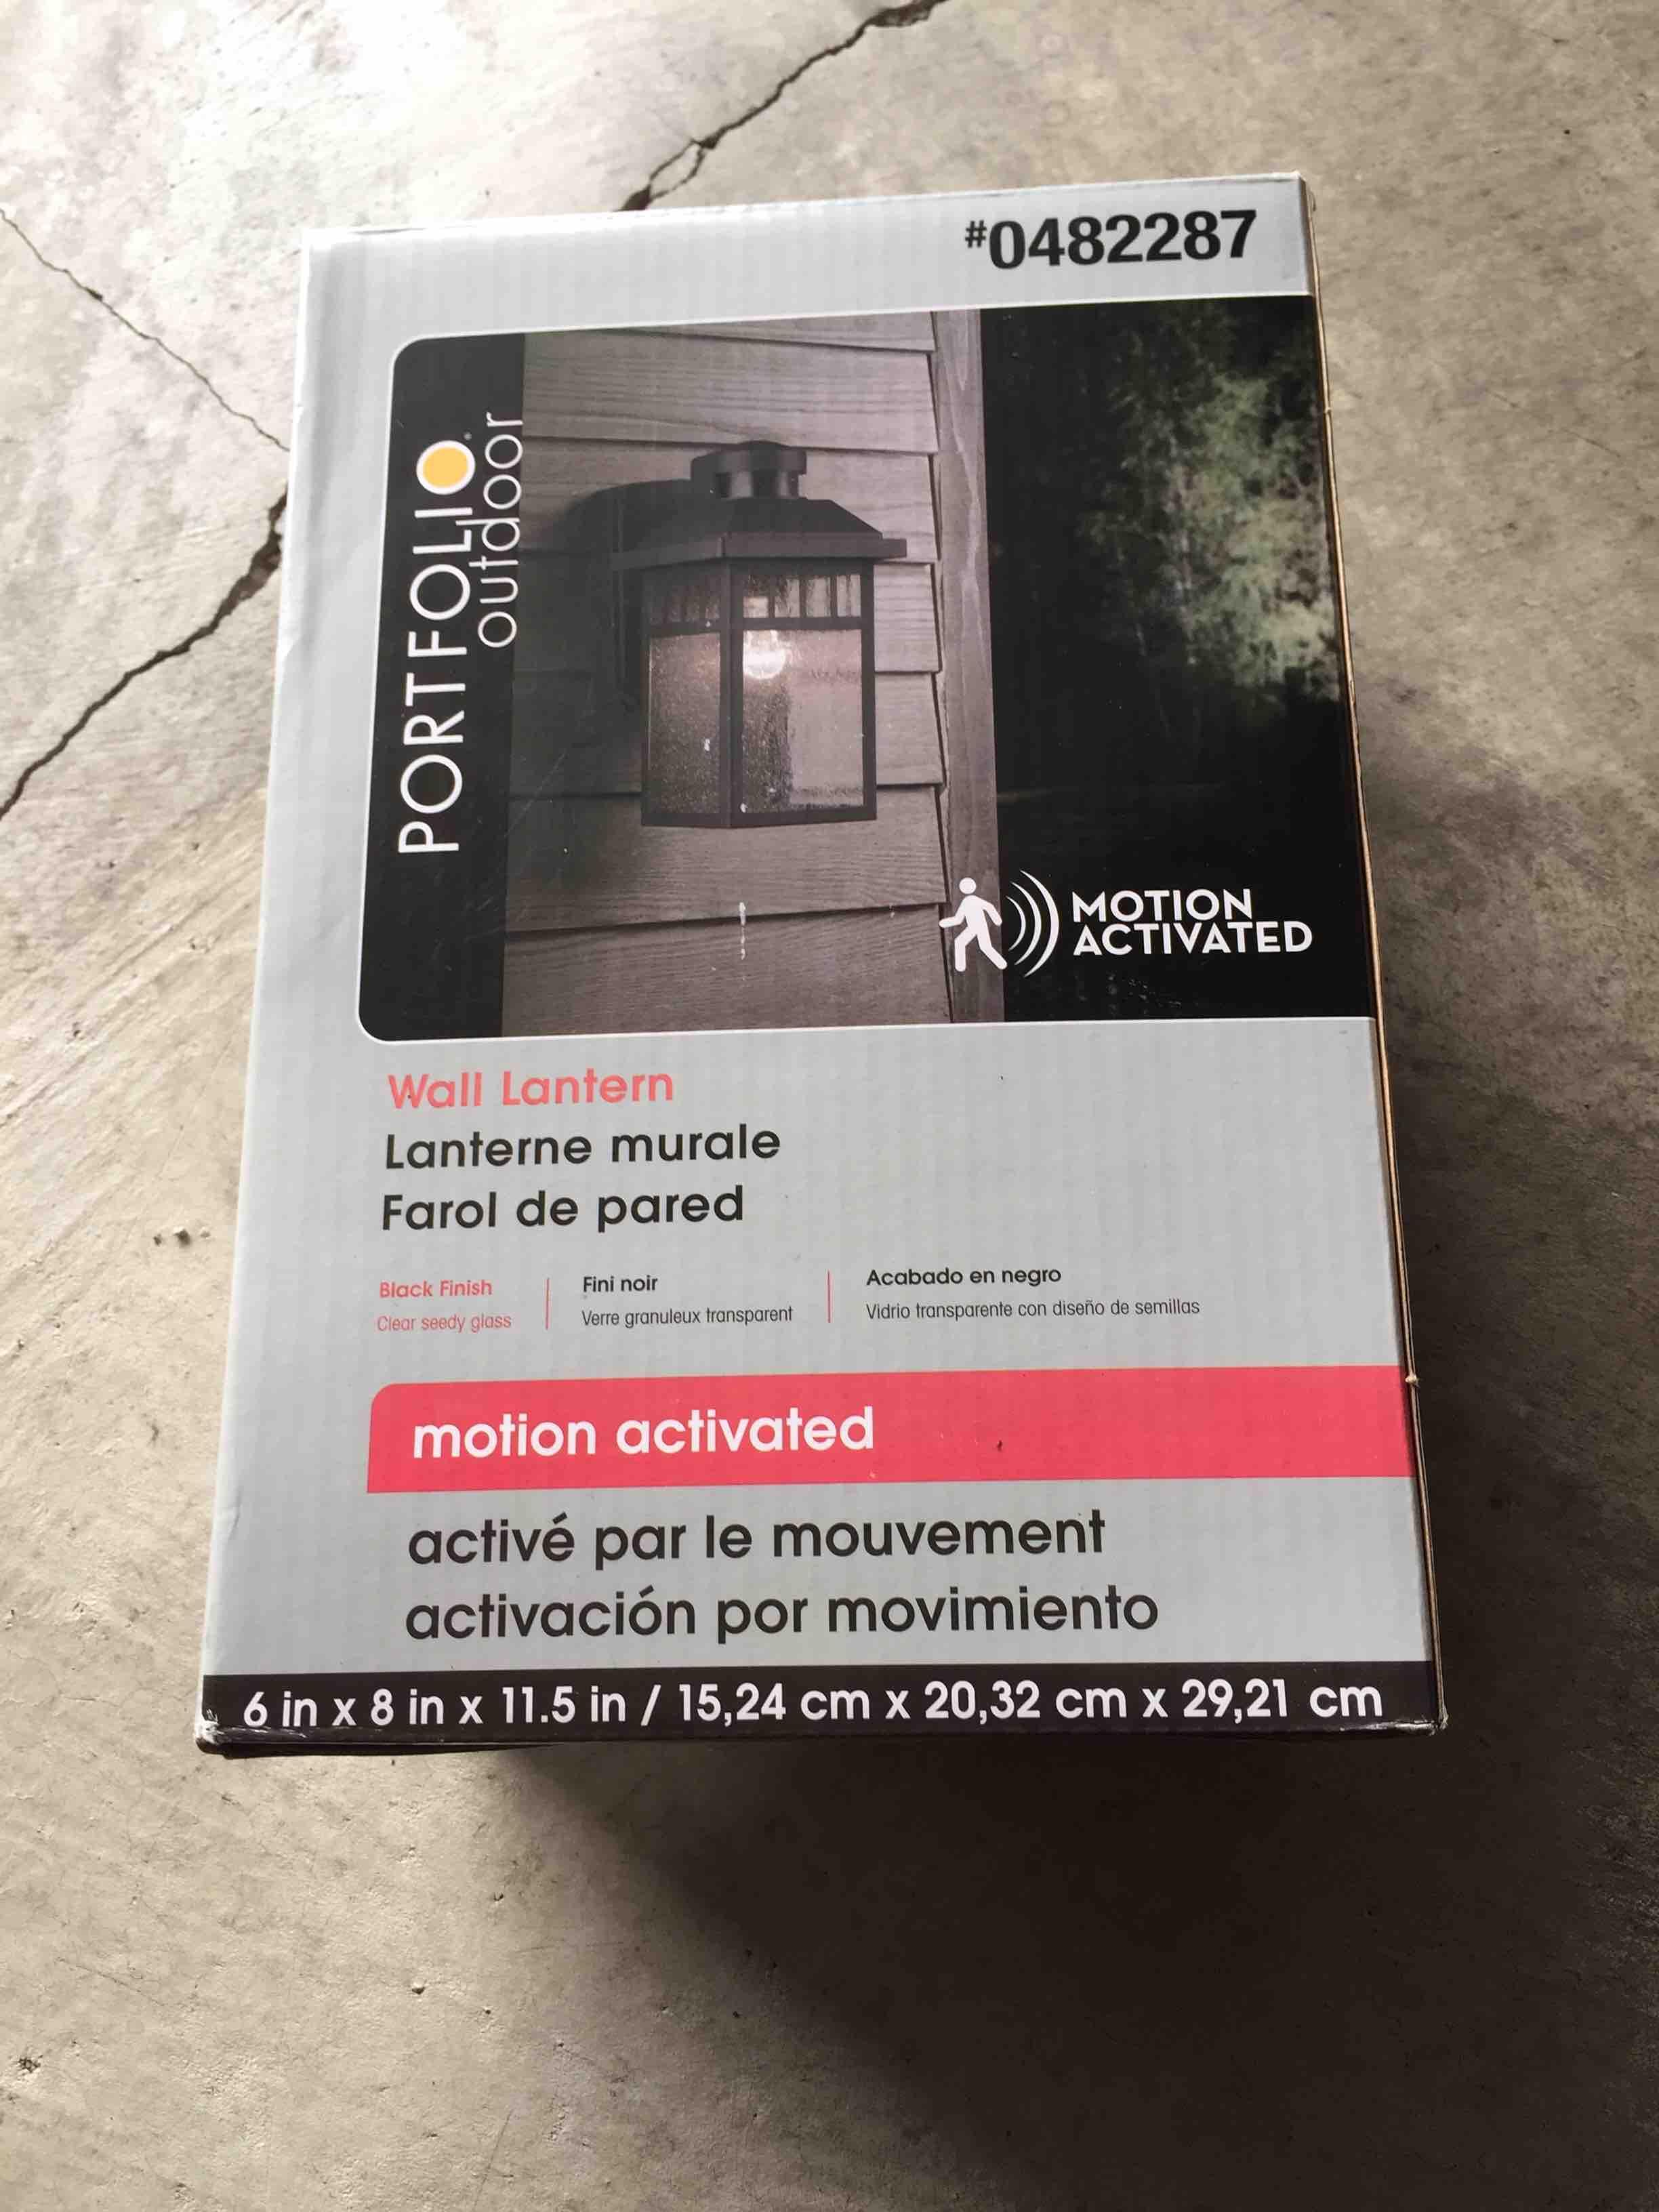 Outdoor light fixture unopened